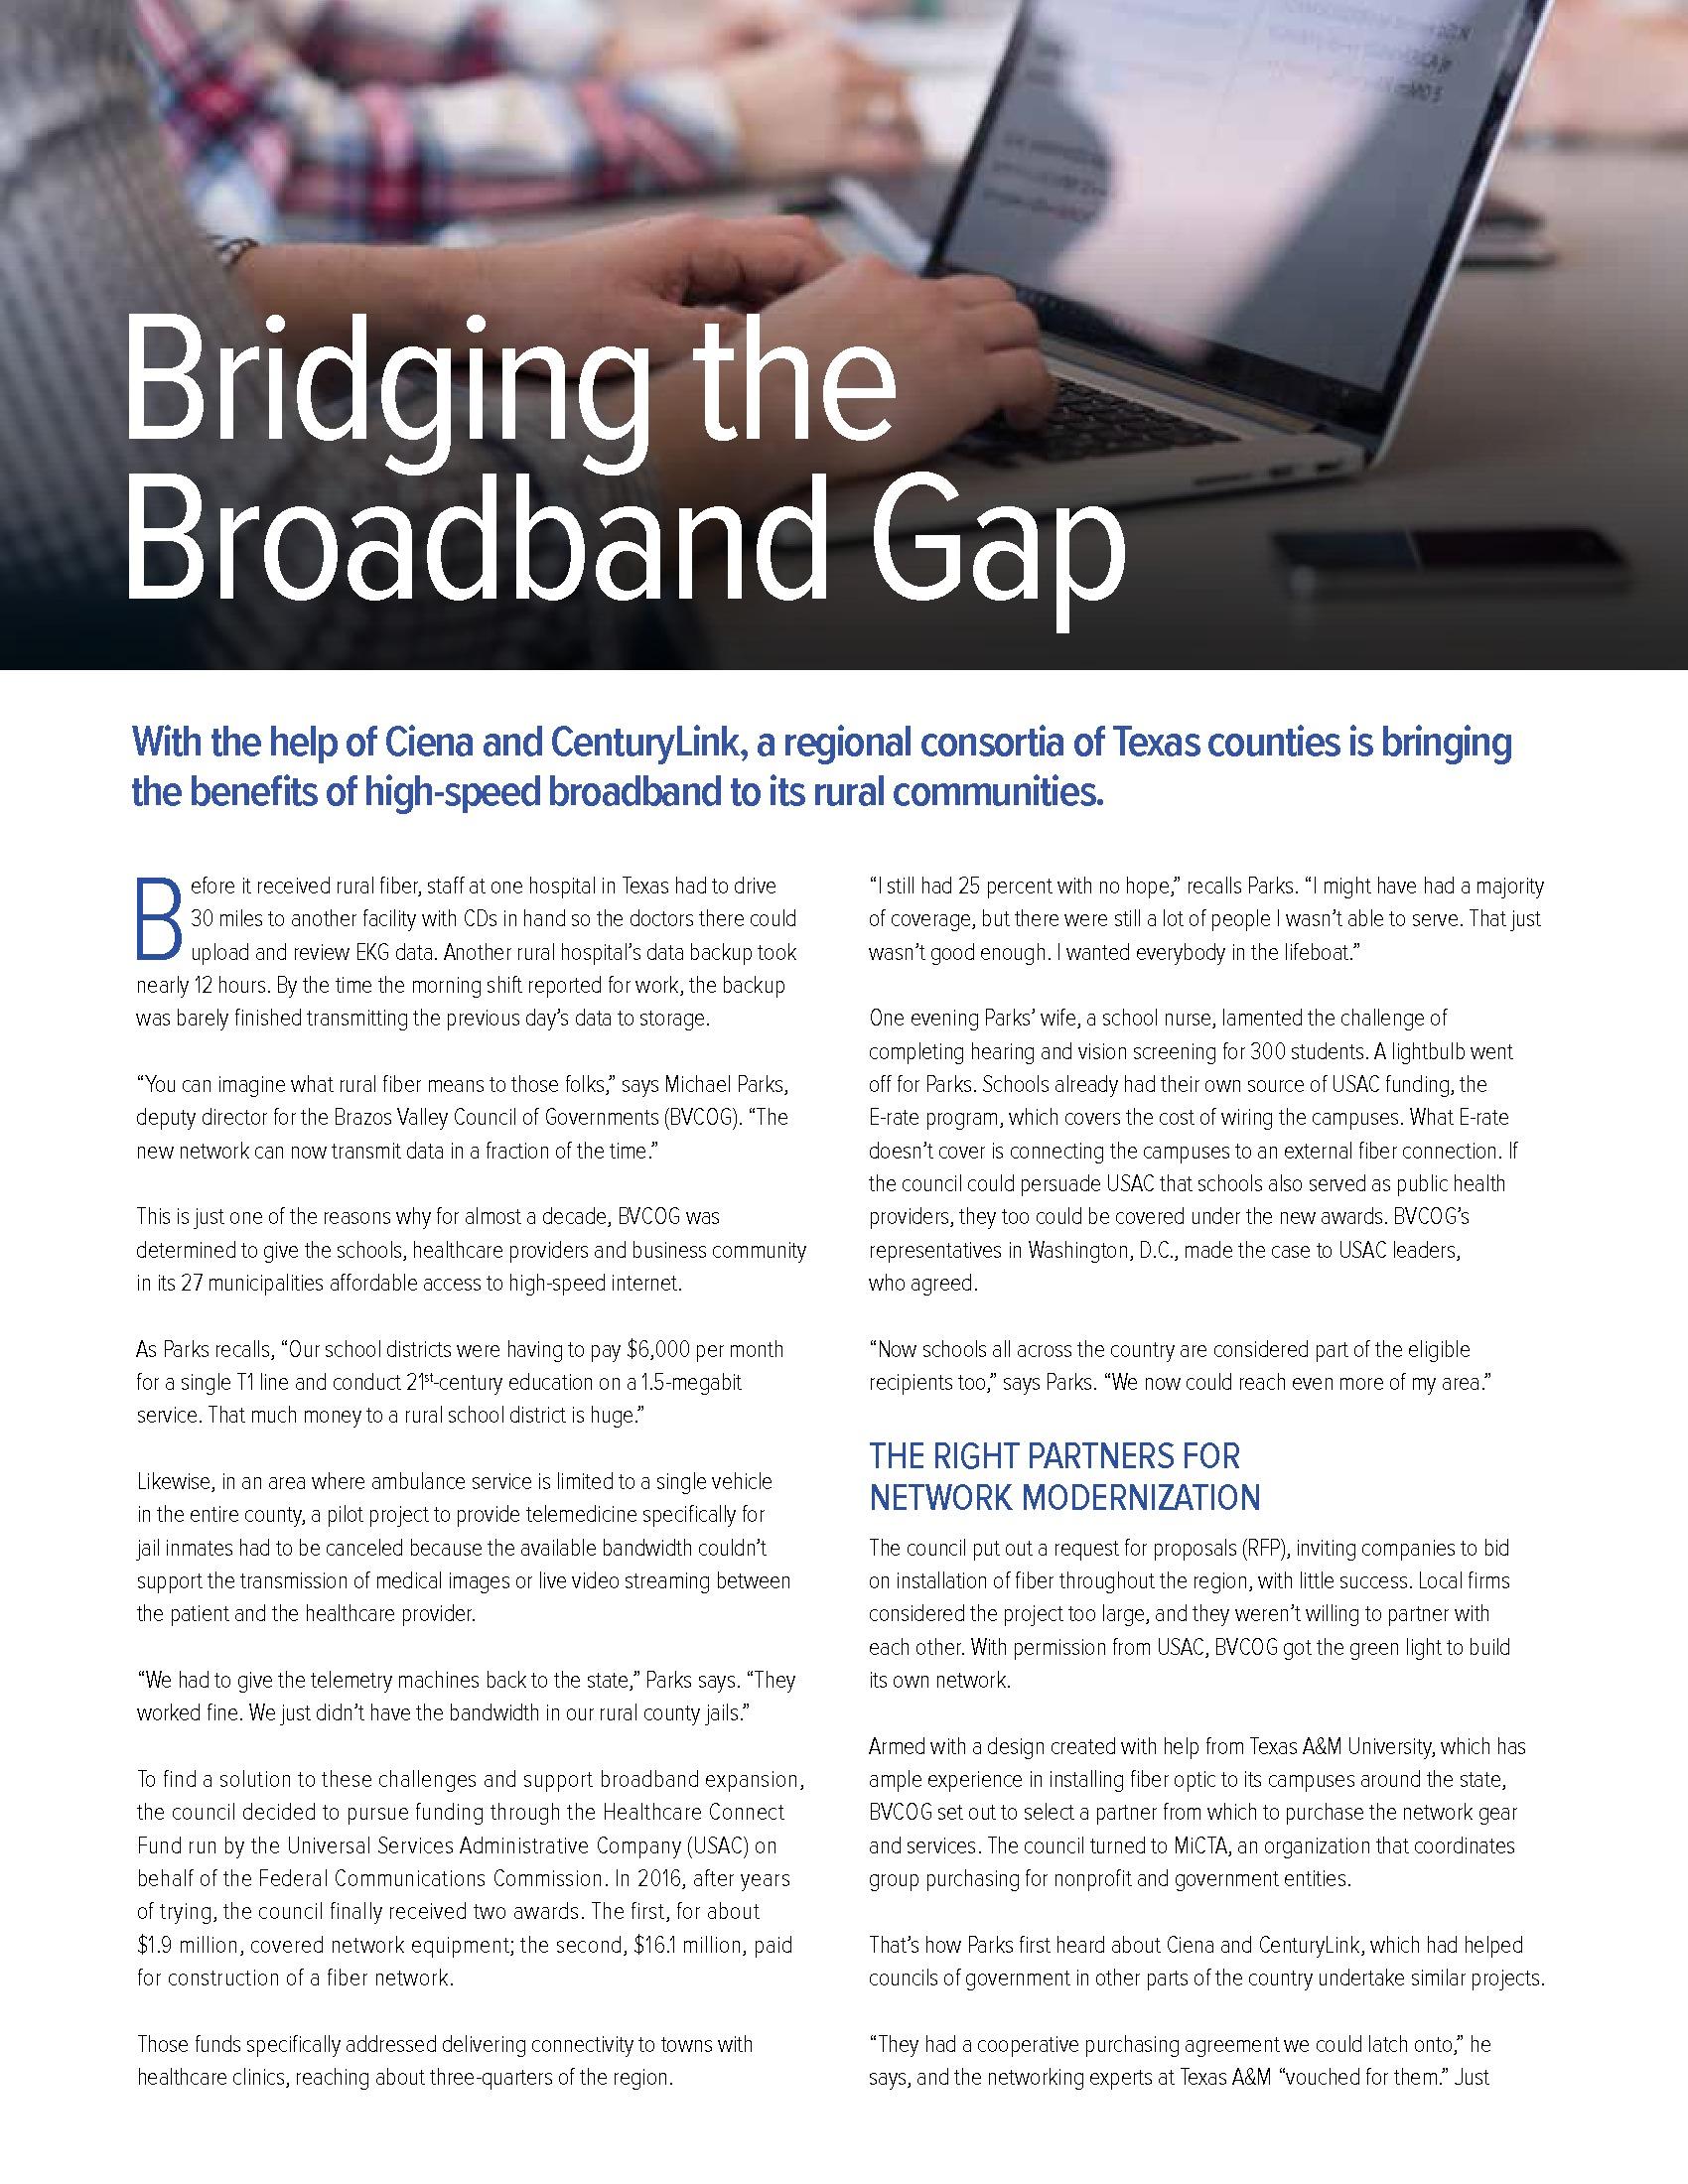 Bridging the Broadband Gap